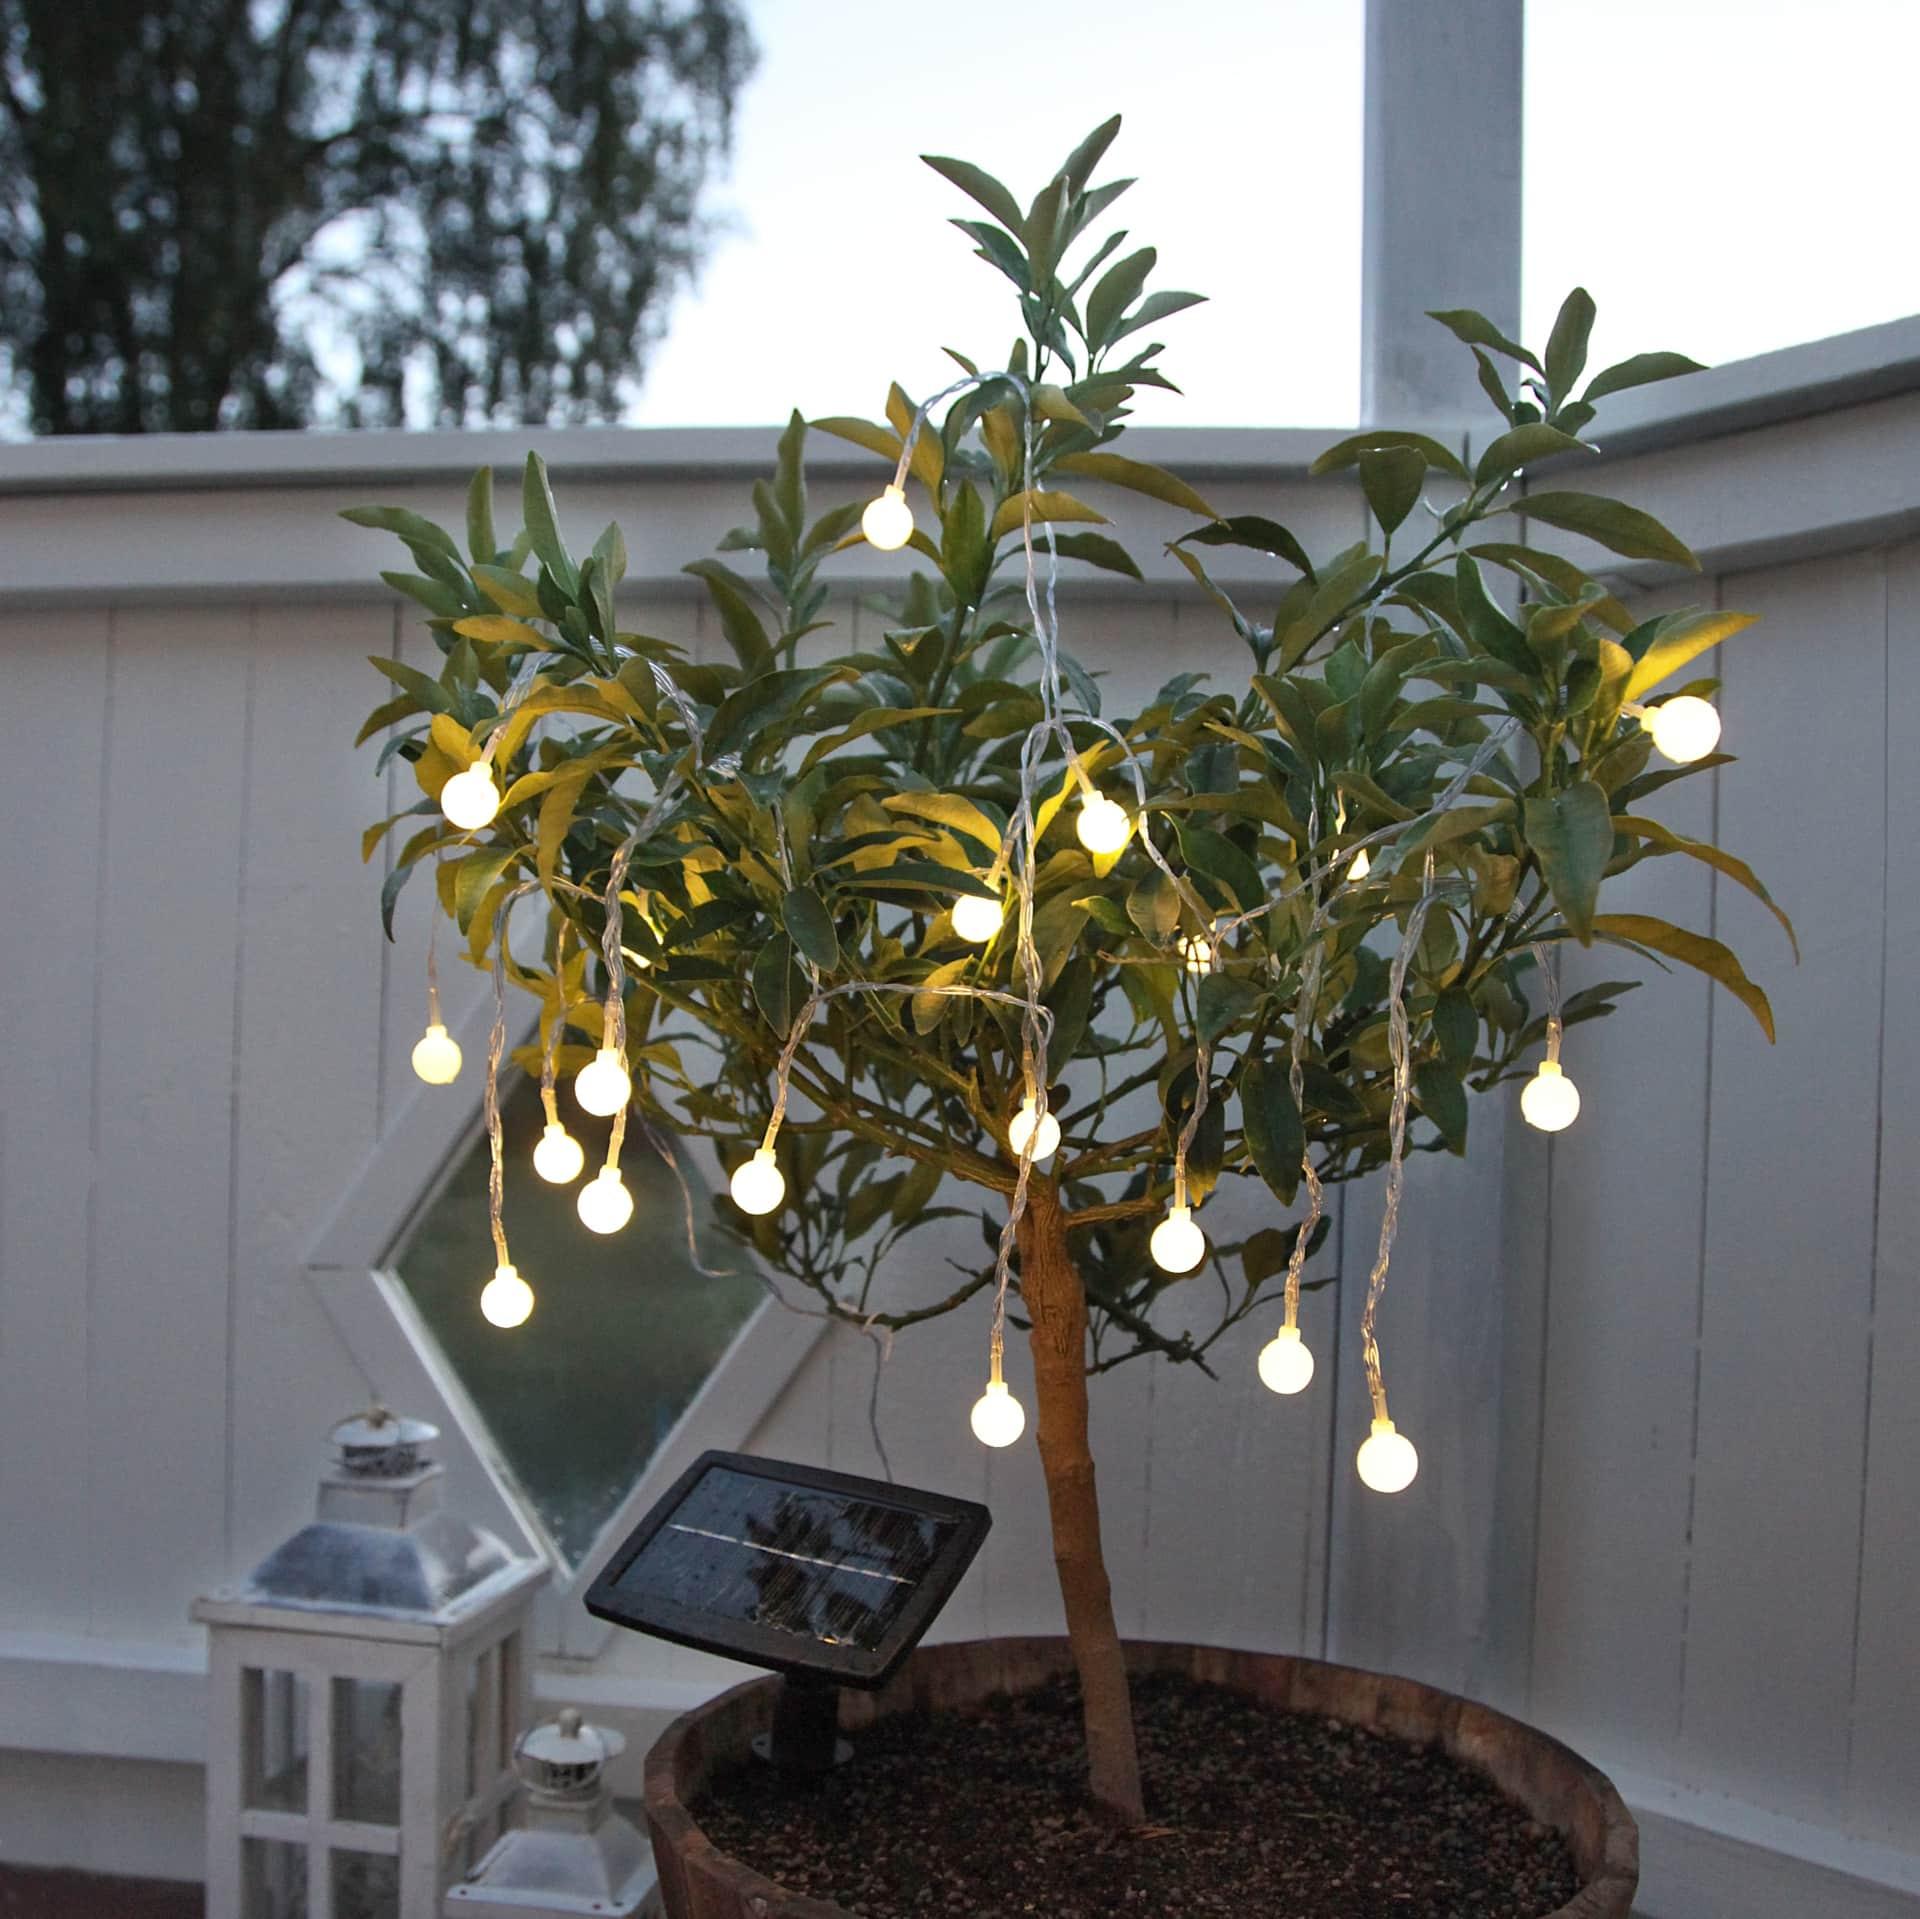 STAR TRADING Světelný LED řetěz na solární napájení White Ball, bílá barva, plast